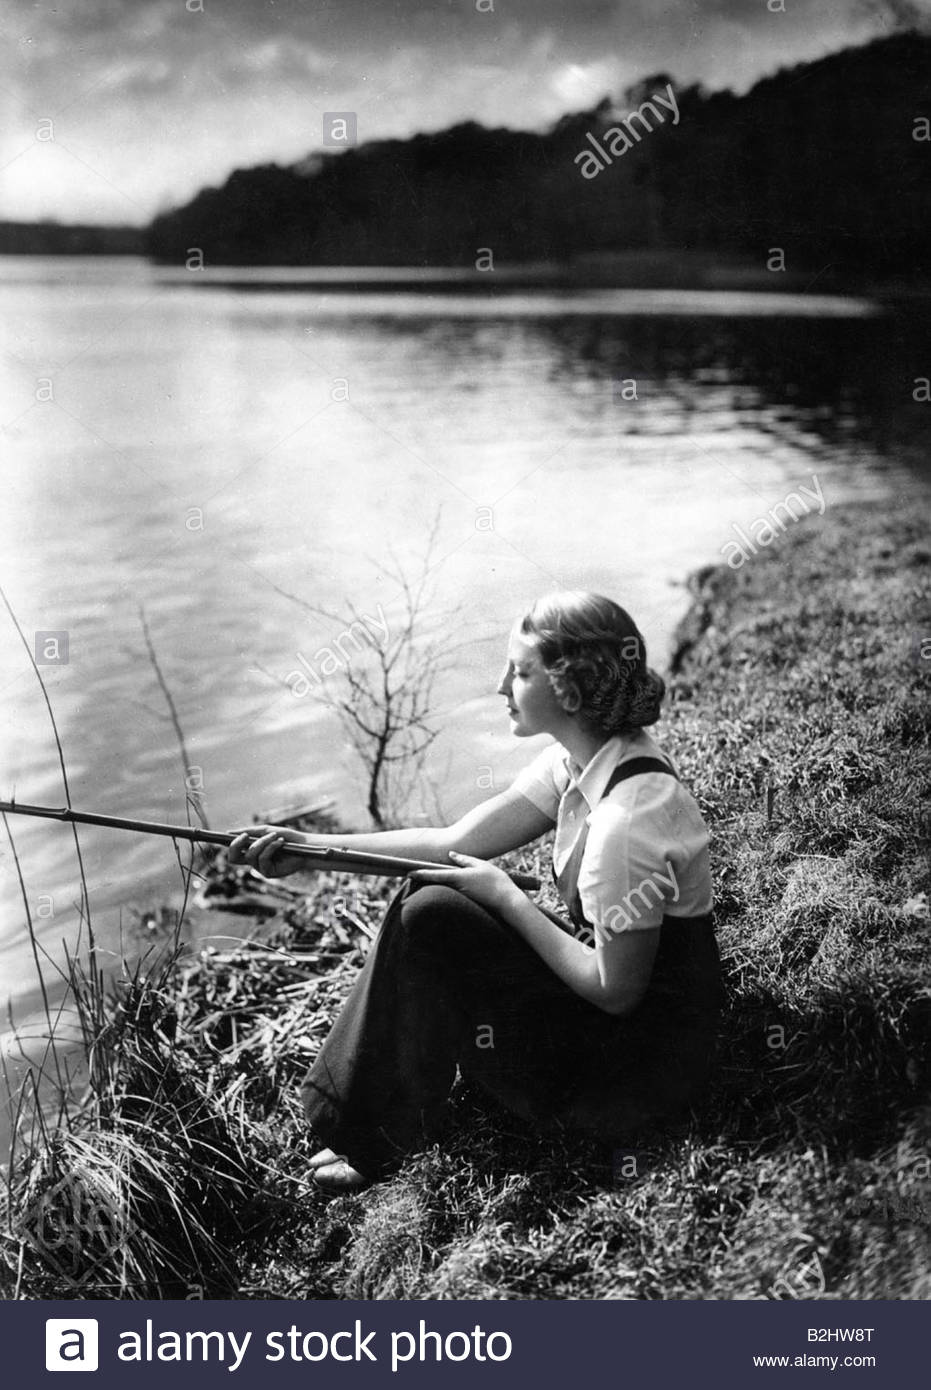 Helm, Brigitte, 17.3.1906 - 11.6.1996, attrice tedesca, a piena lunghezza e angolazione, 1920s/1930s, Additional Immagini Stock